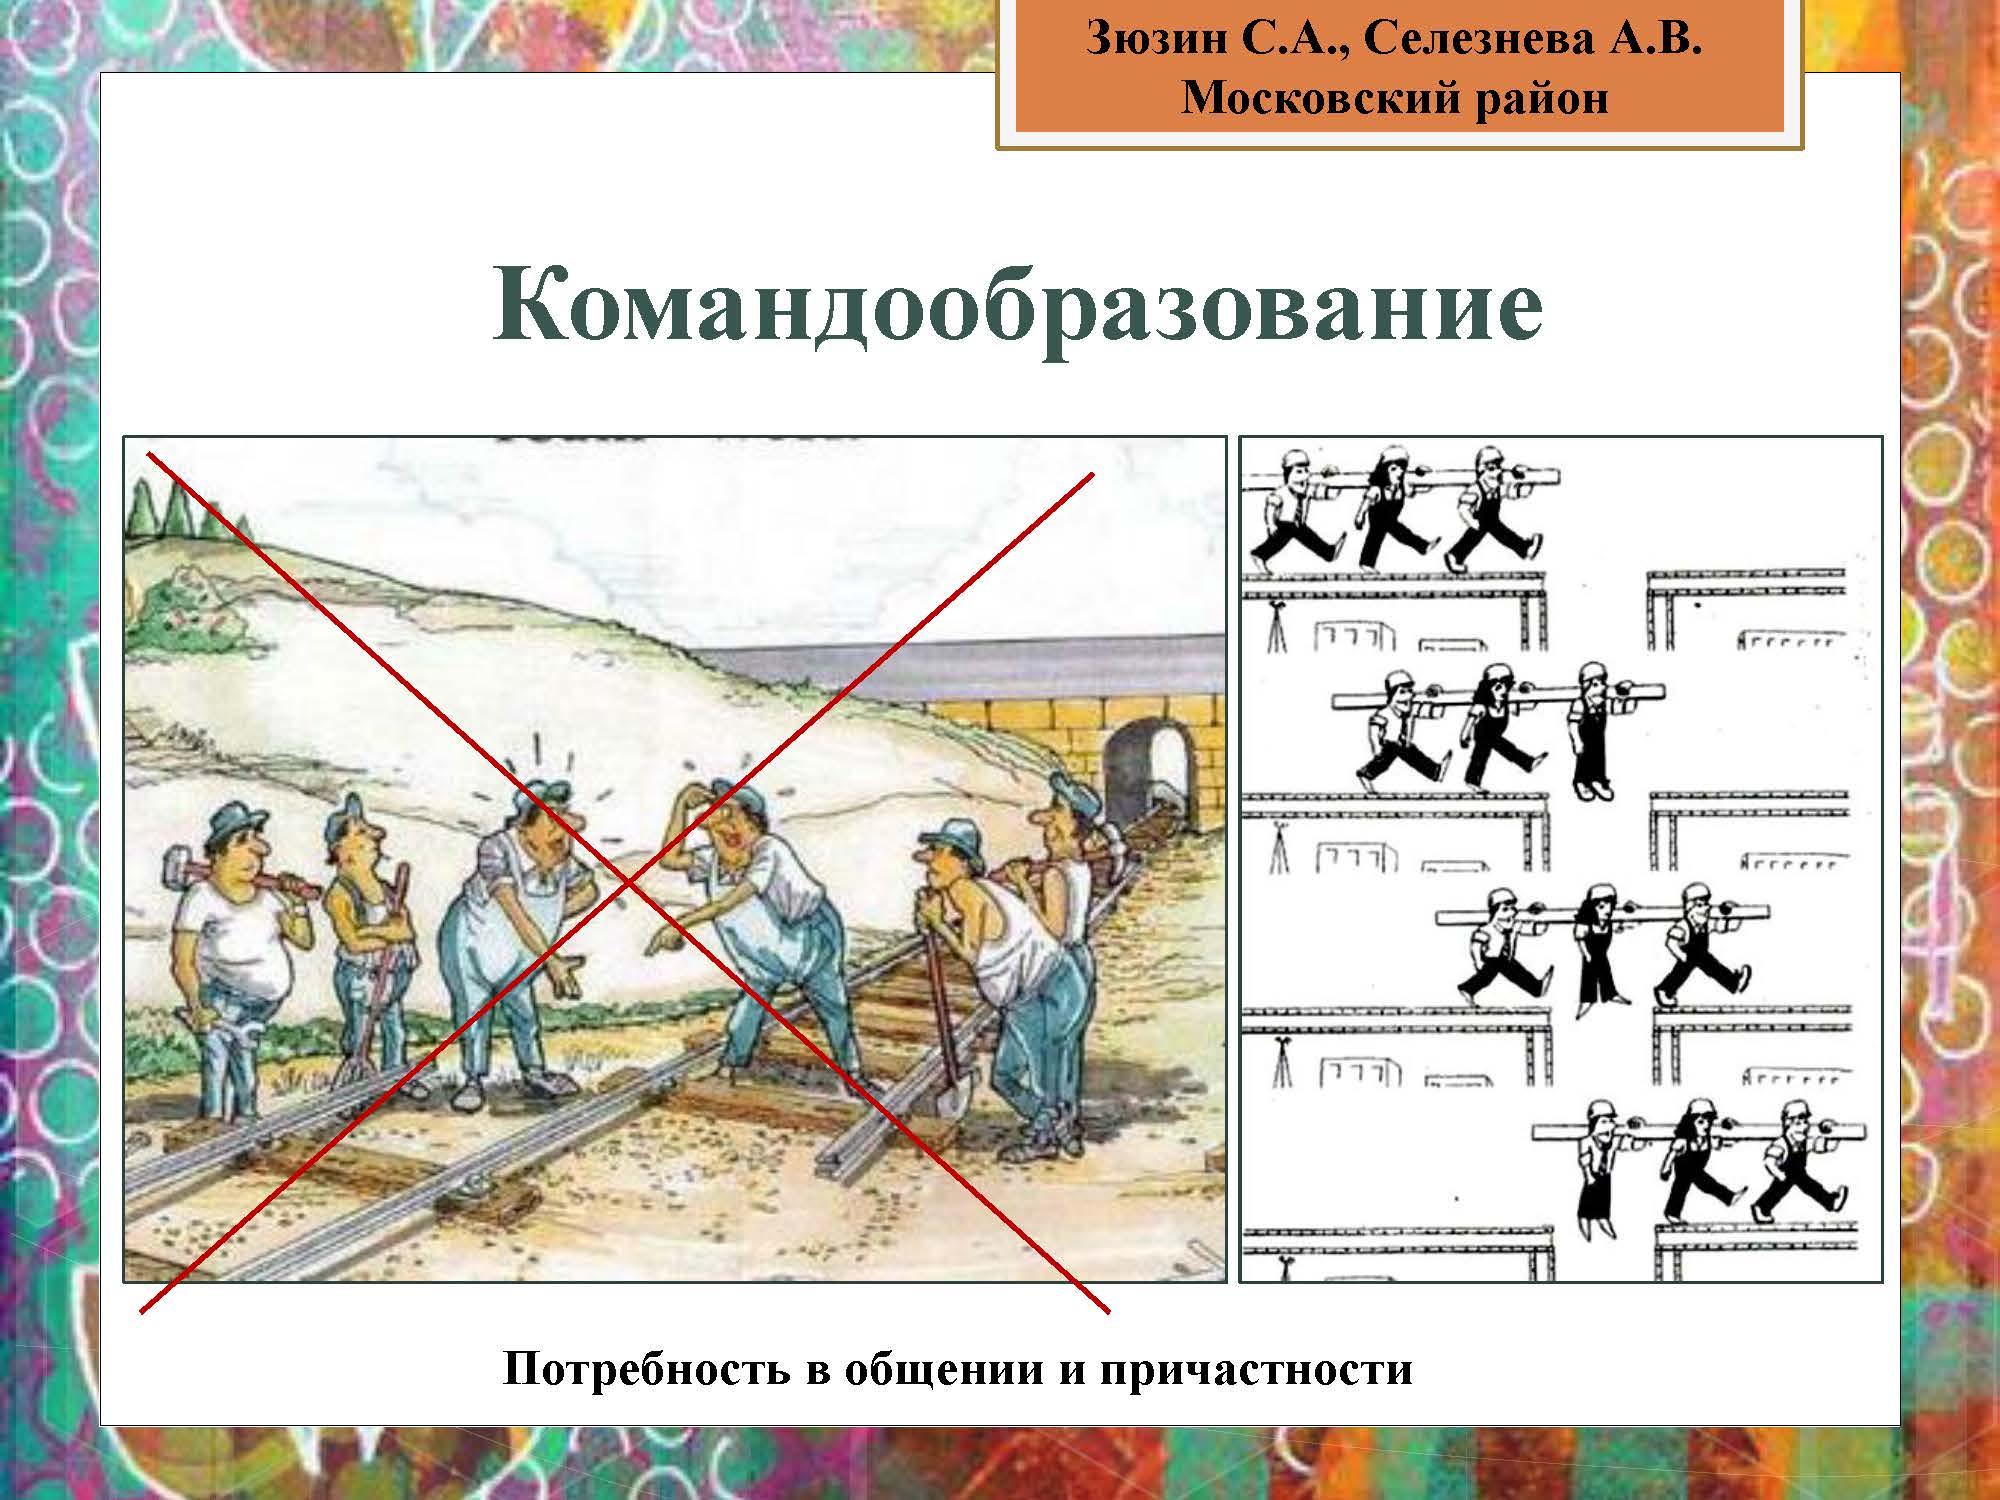 секция 8. ГБОУ 495. Московский район_Страница_09